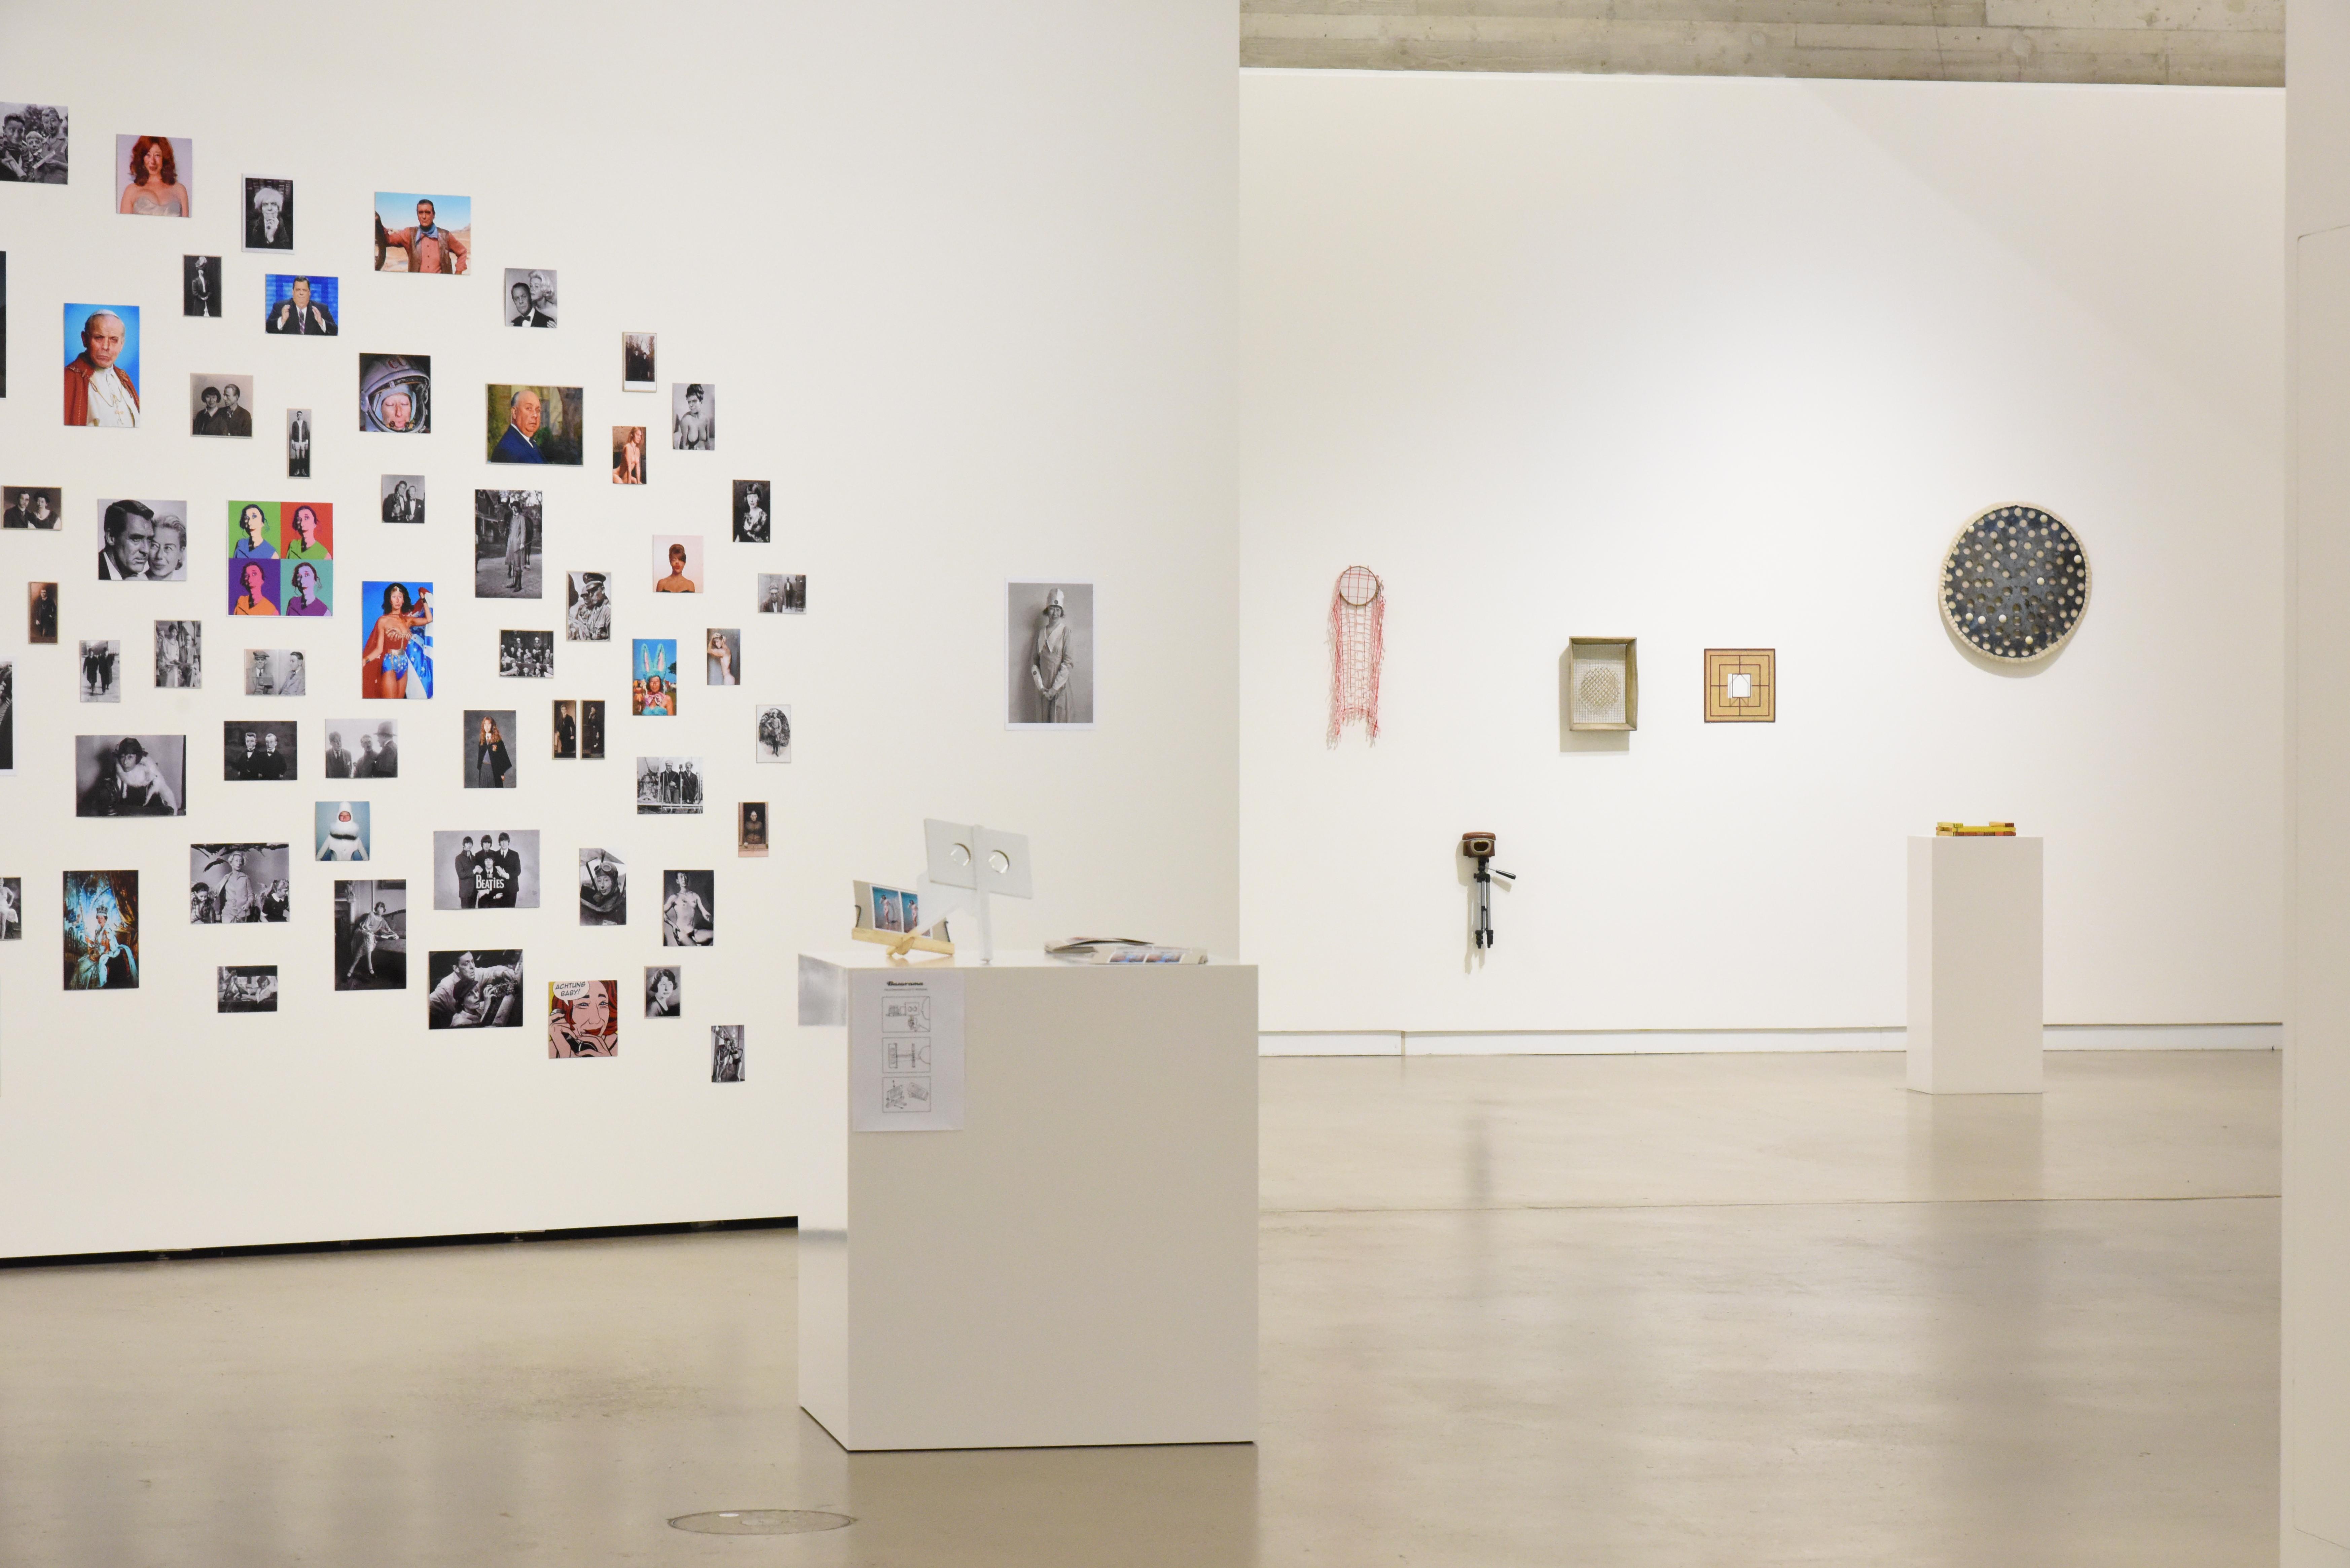 02_Ausstellungsansichten_Foto_Toni_Monta